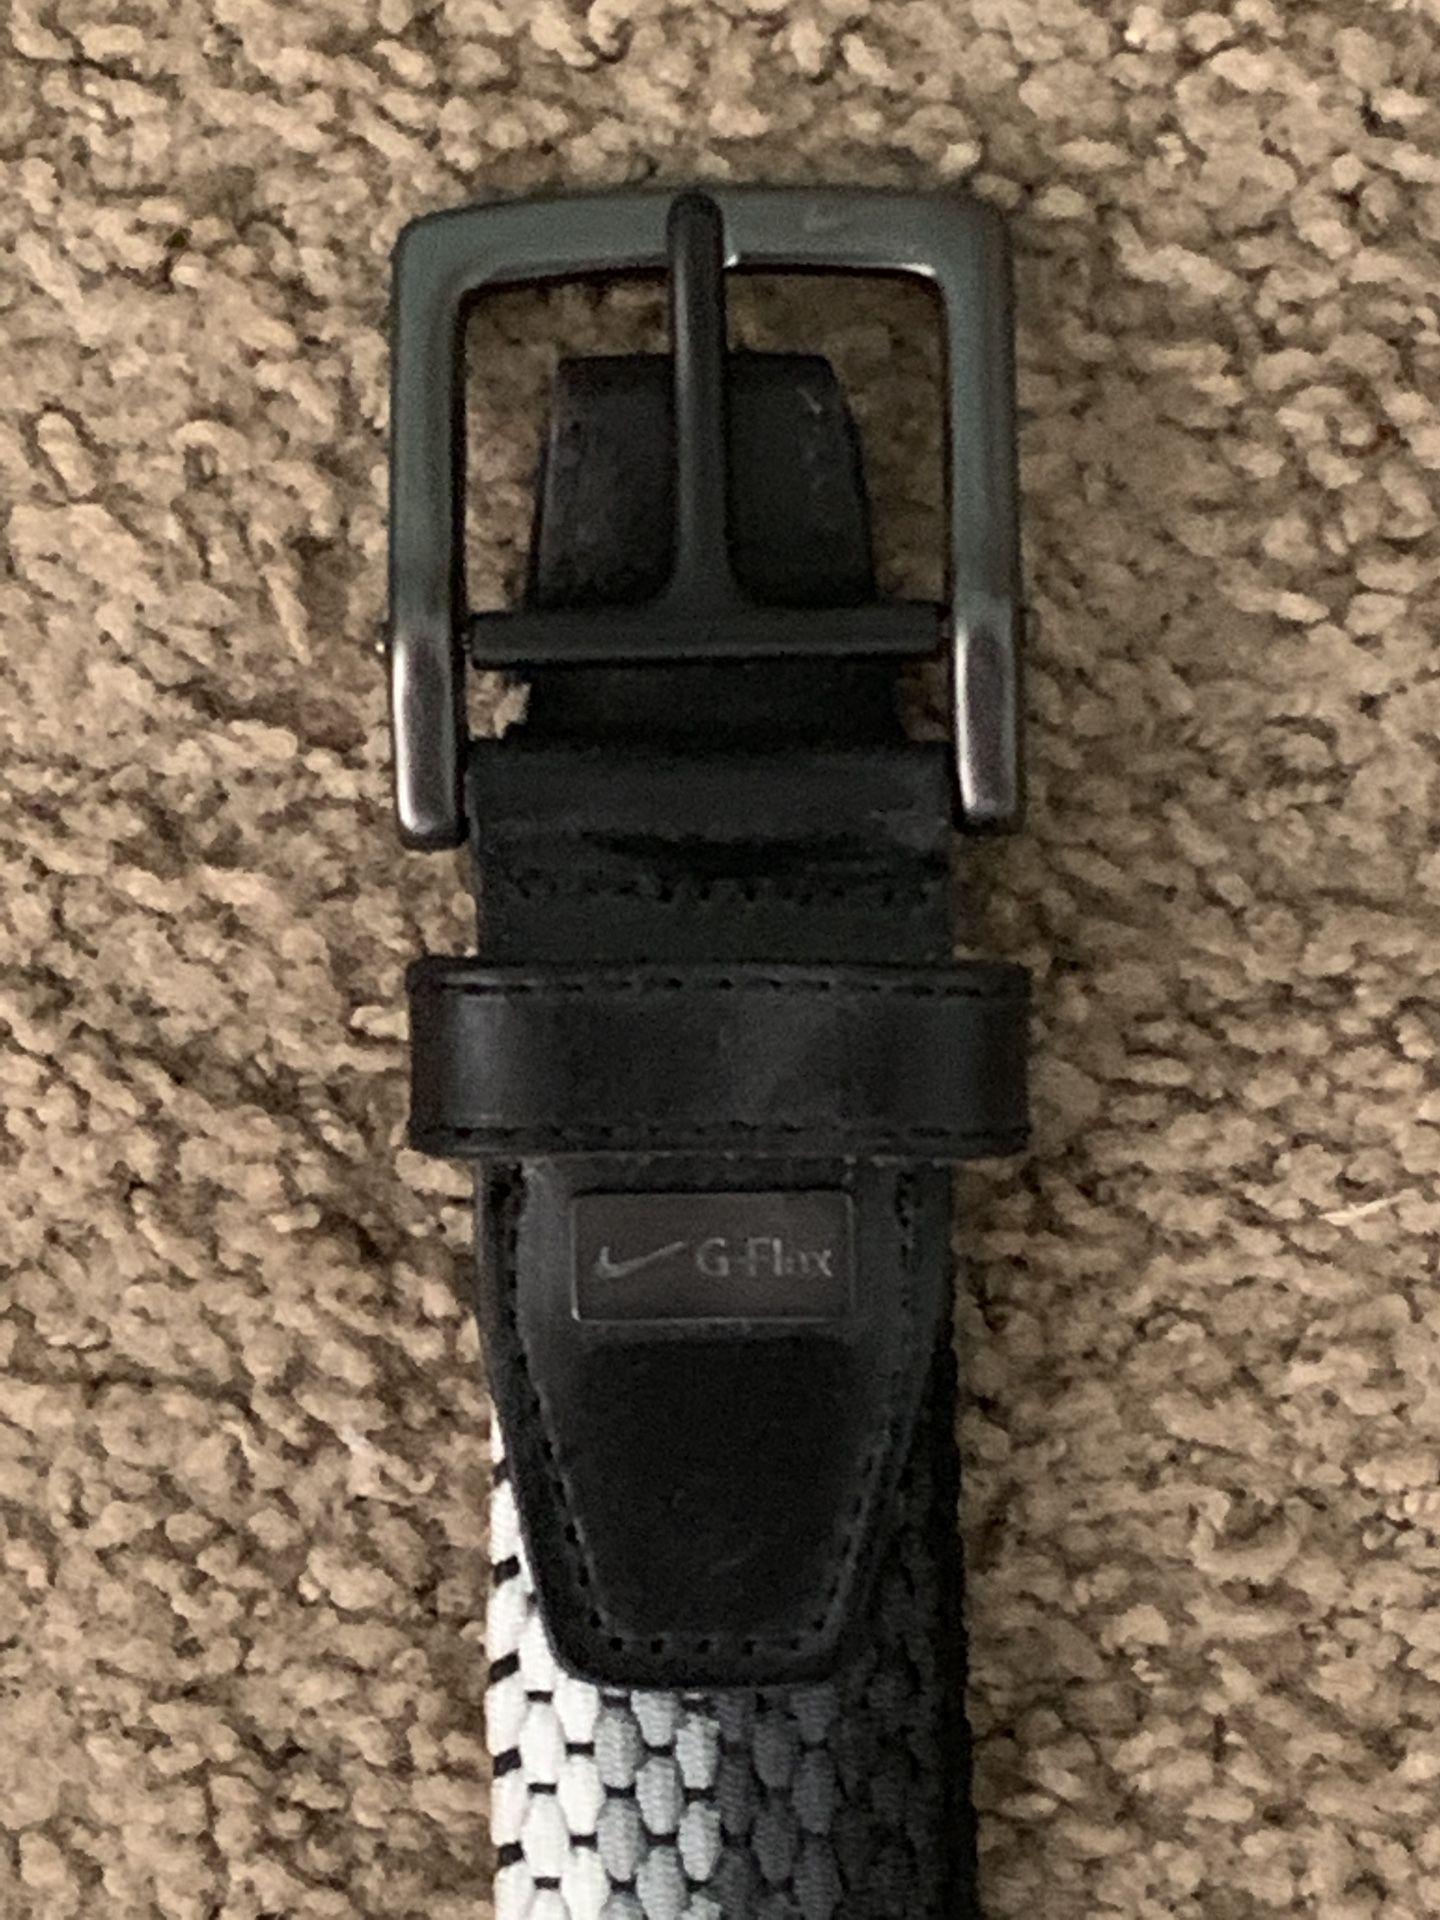 Nike G Flex - golf belt